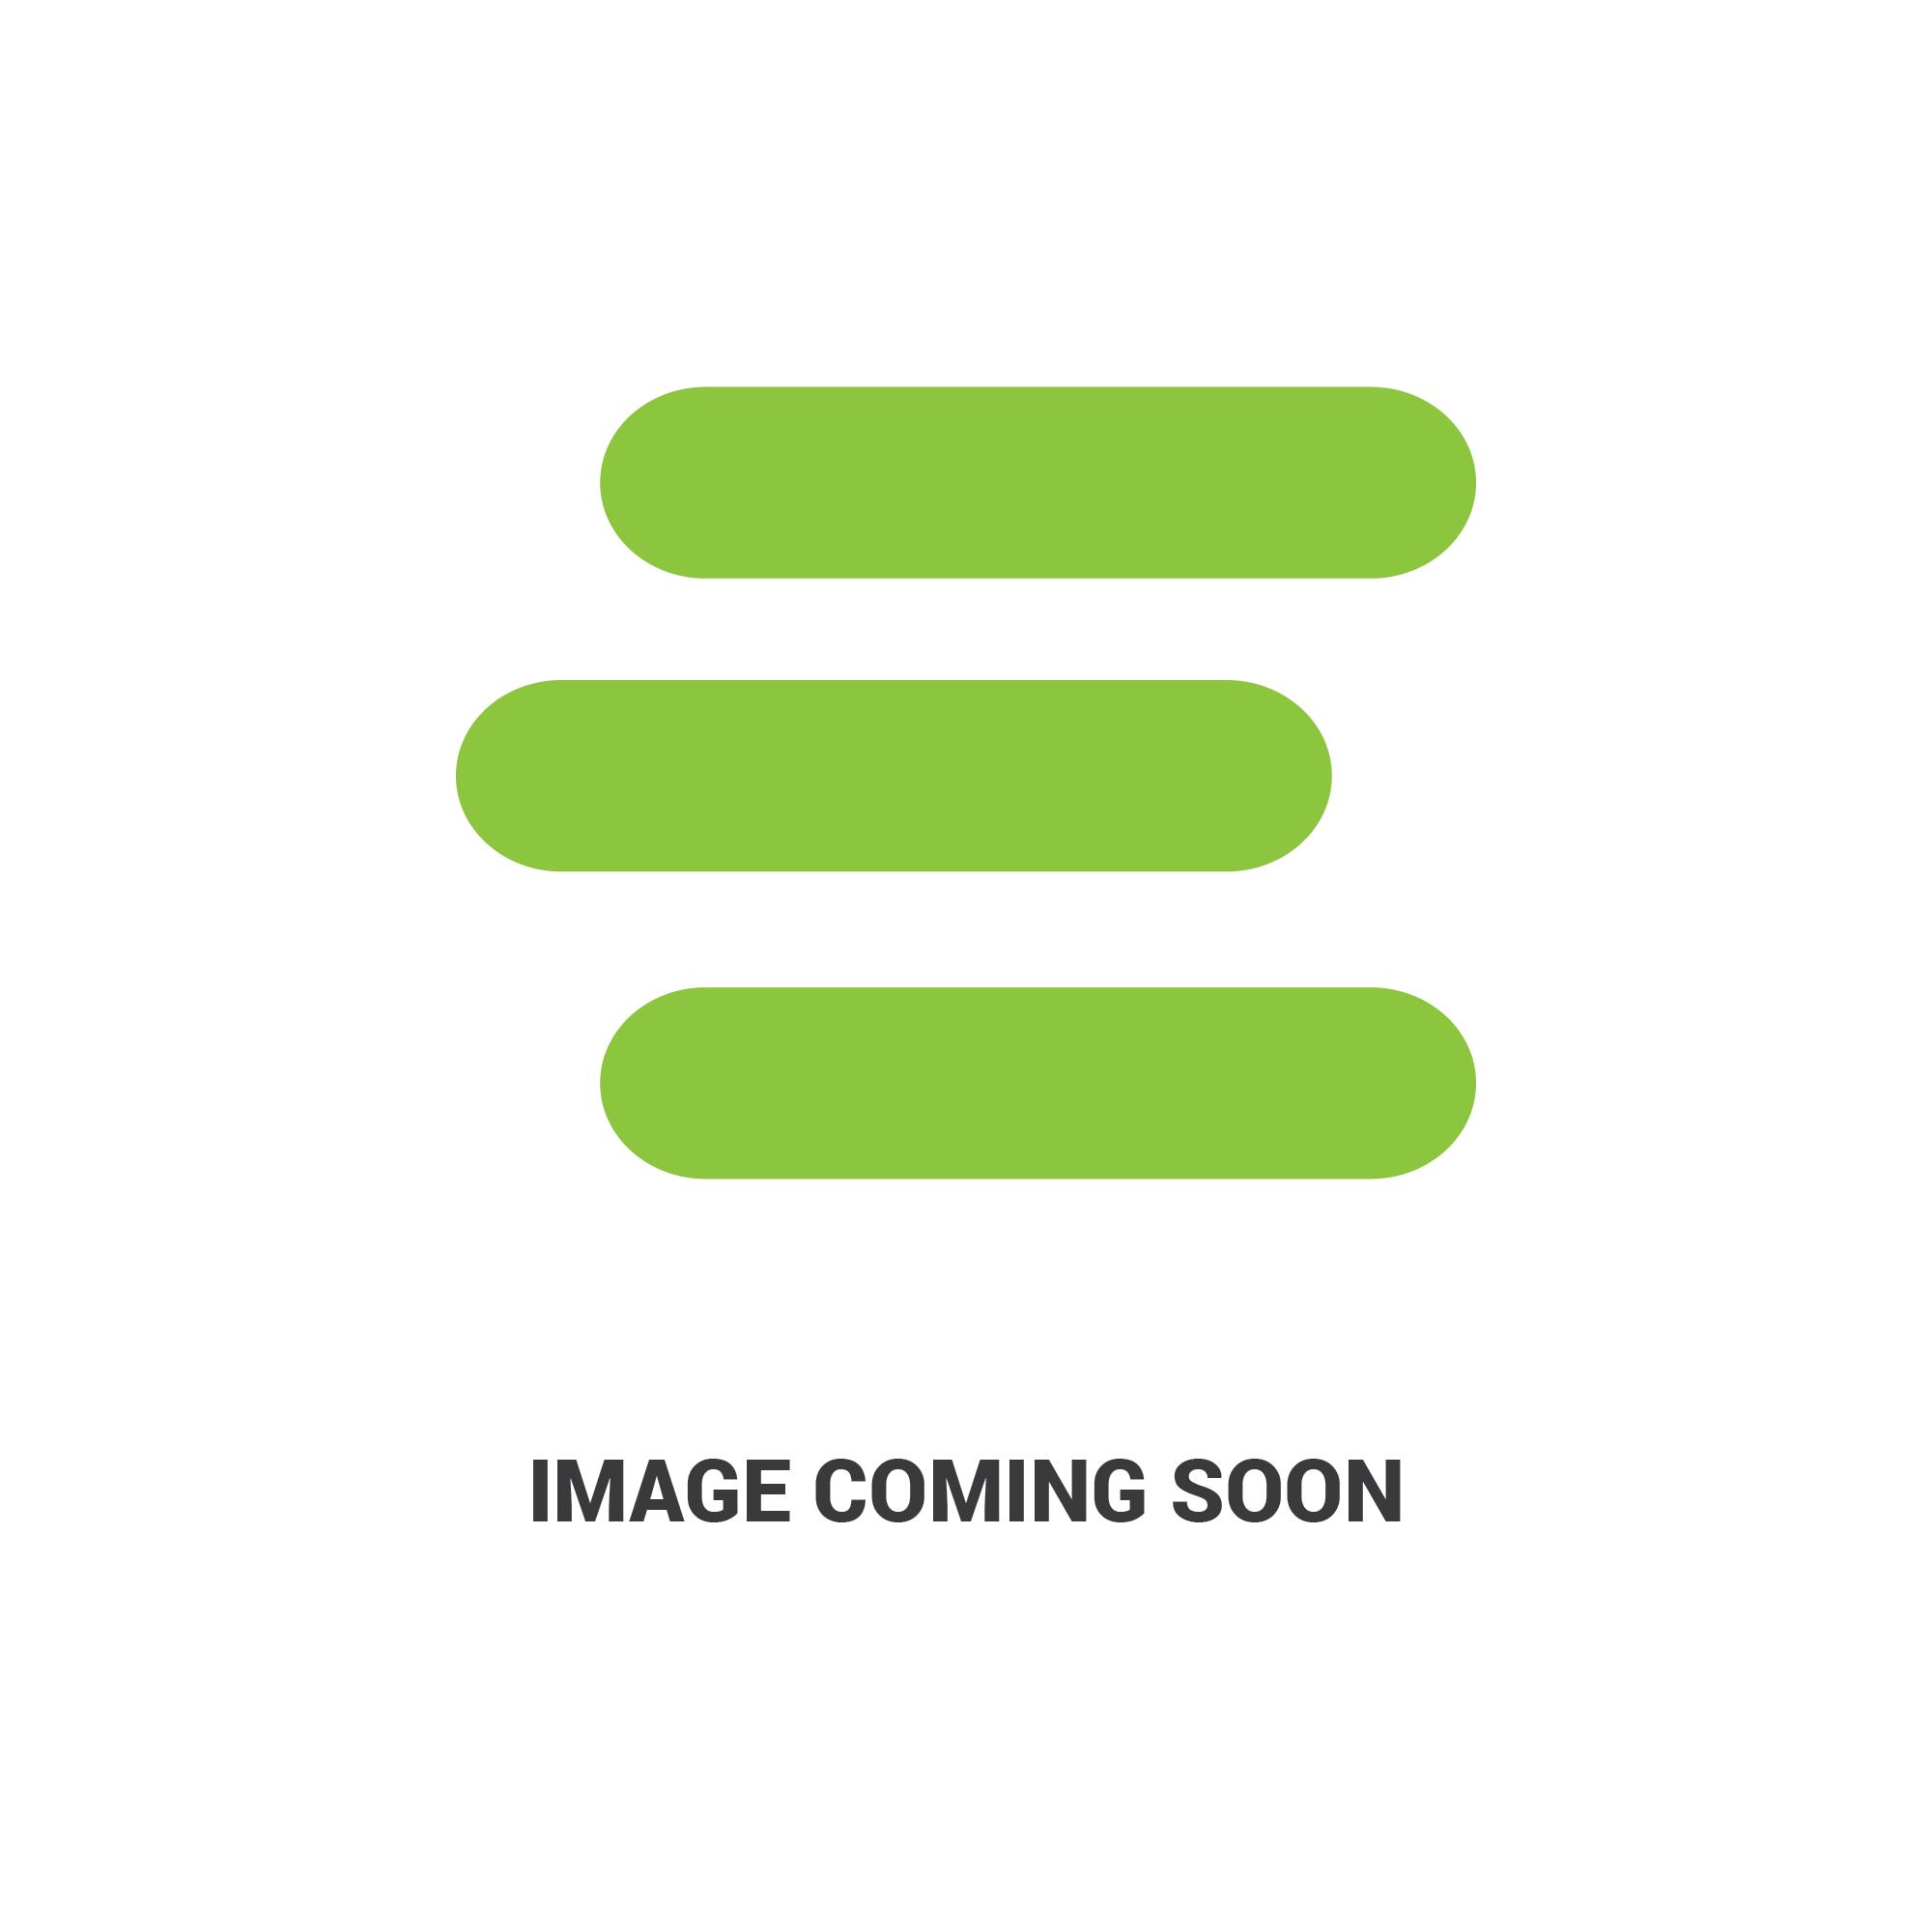 E-AL81448ag1001712.2.jpg